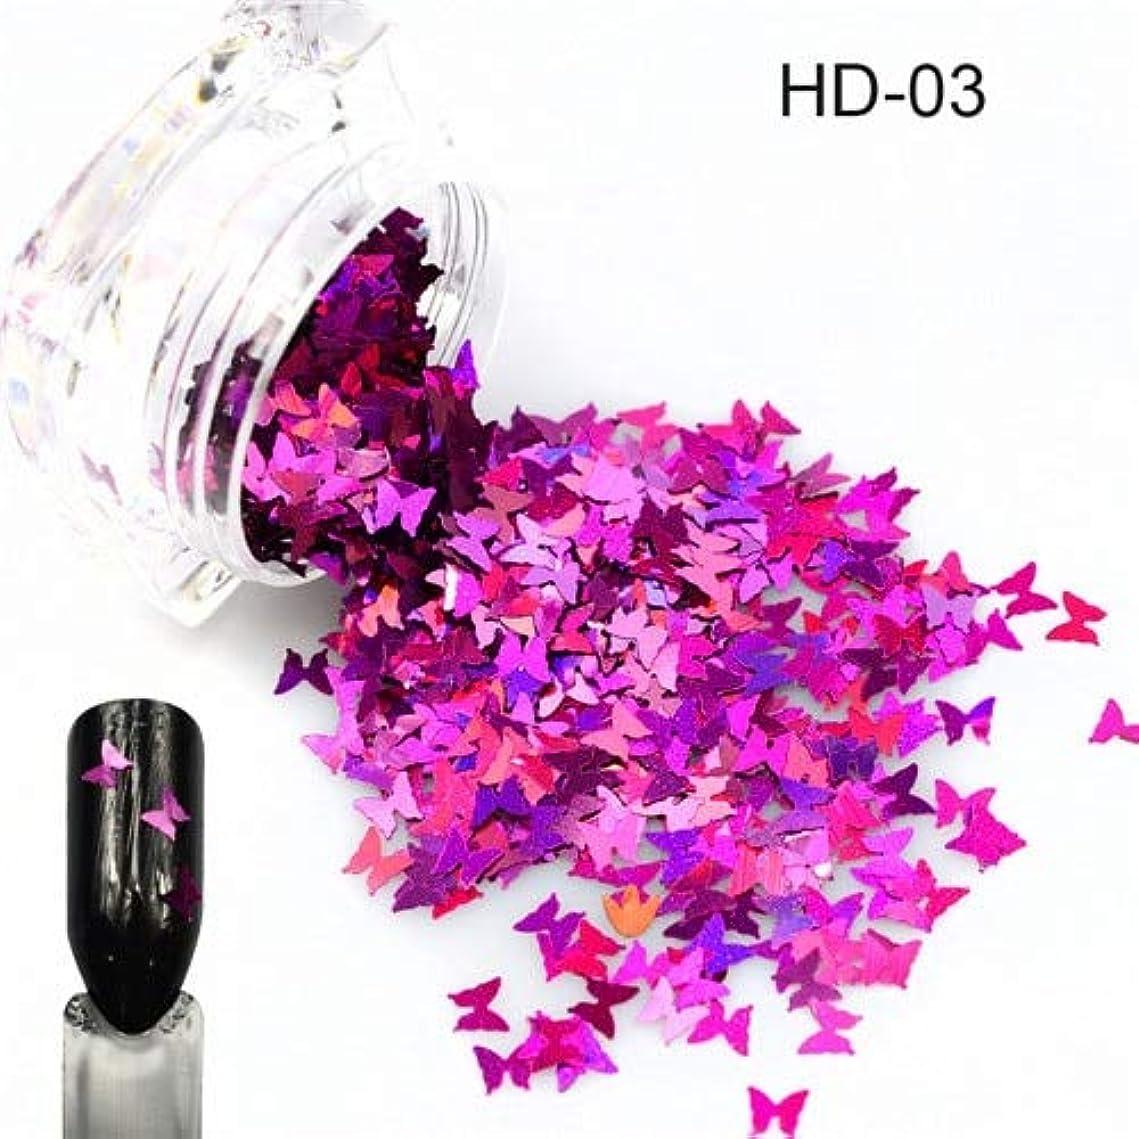 機密市の中心部雑多な1ピース新しい爪輝く蝶の形ミックス色美容ジェルネイルアートチャームミニパレット小型サイズスパンコール装飾SAHD01-05 HD03